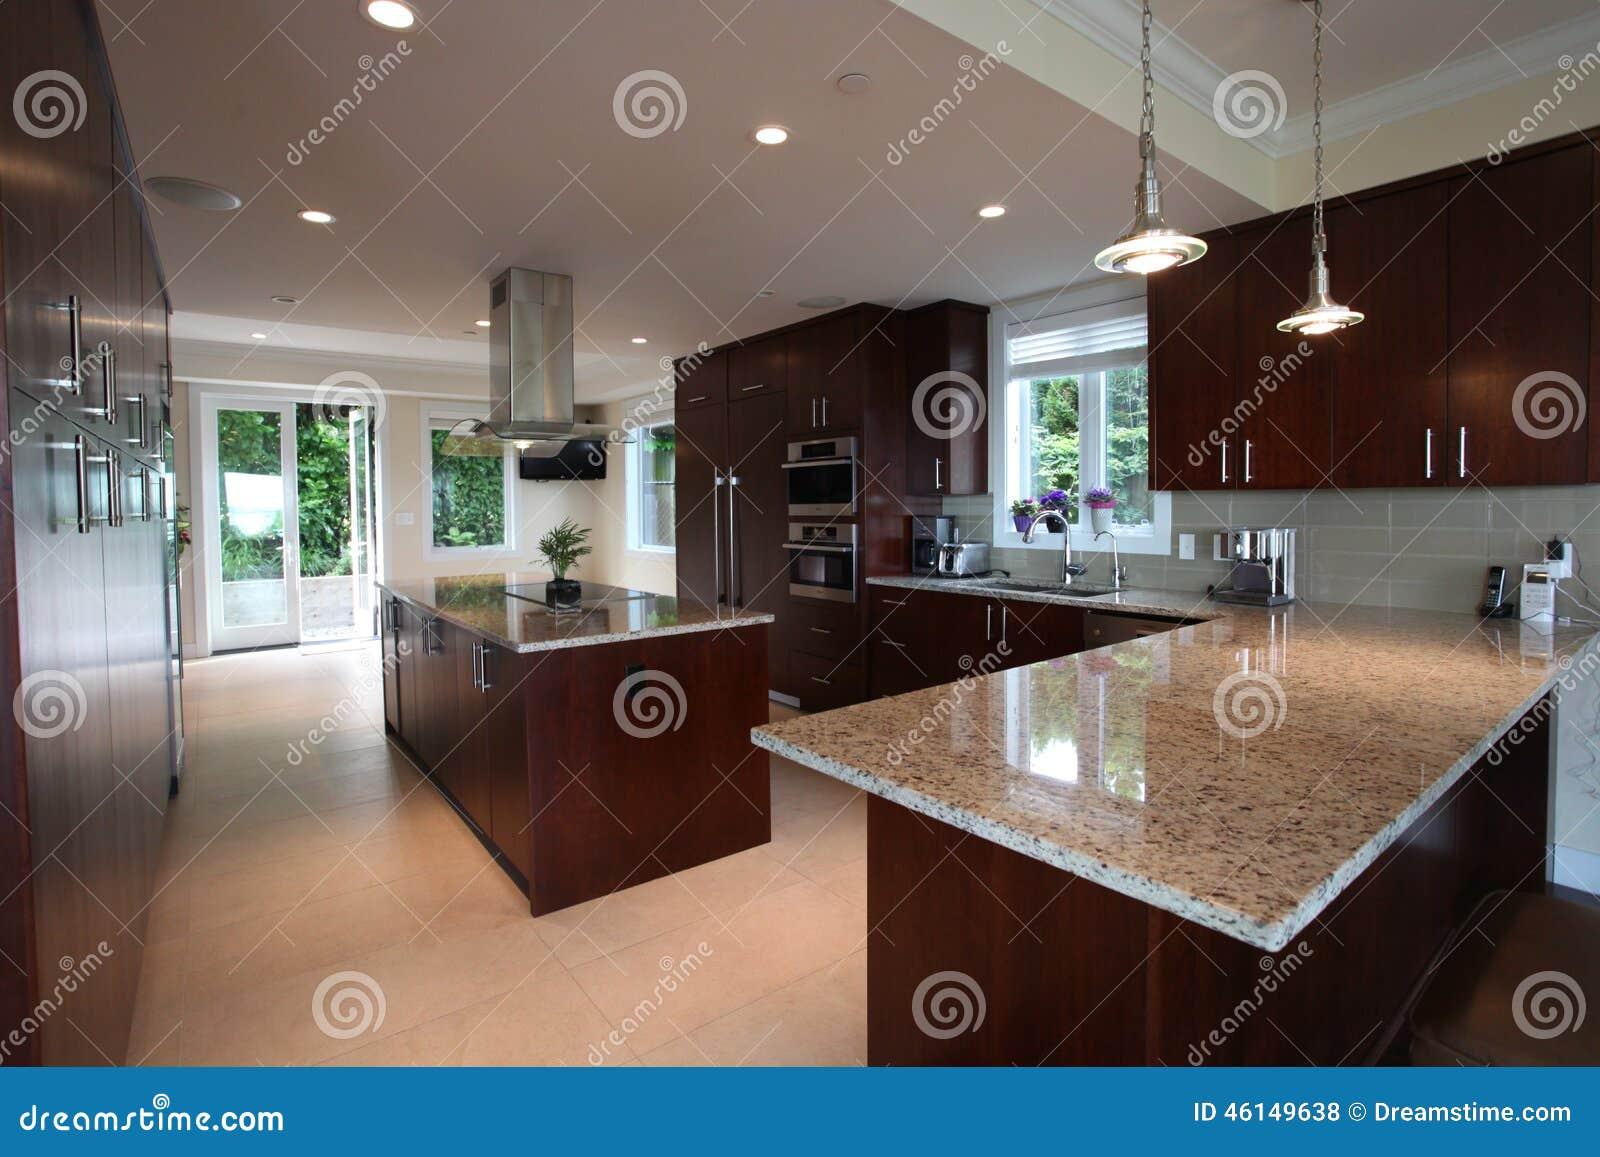 traumküche stockfoto. bild von luxus, holz, haupt, küche - 46149638